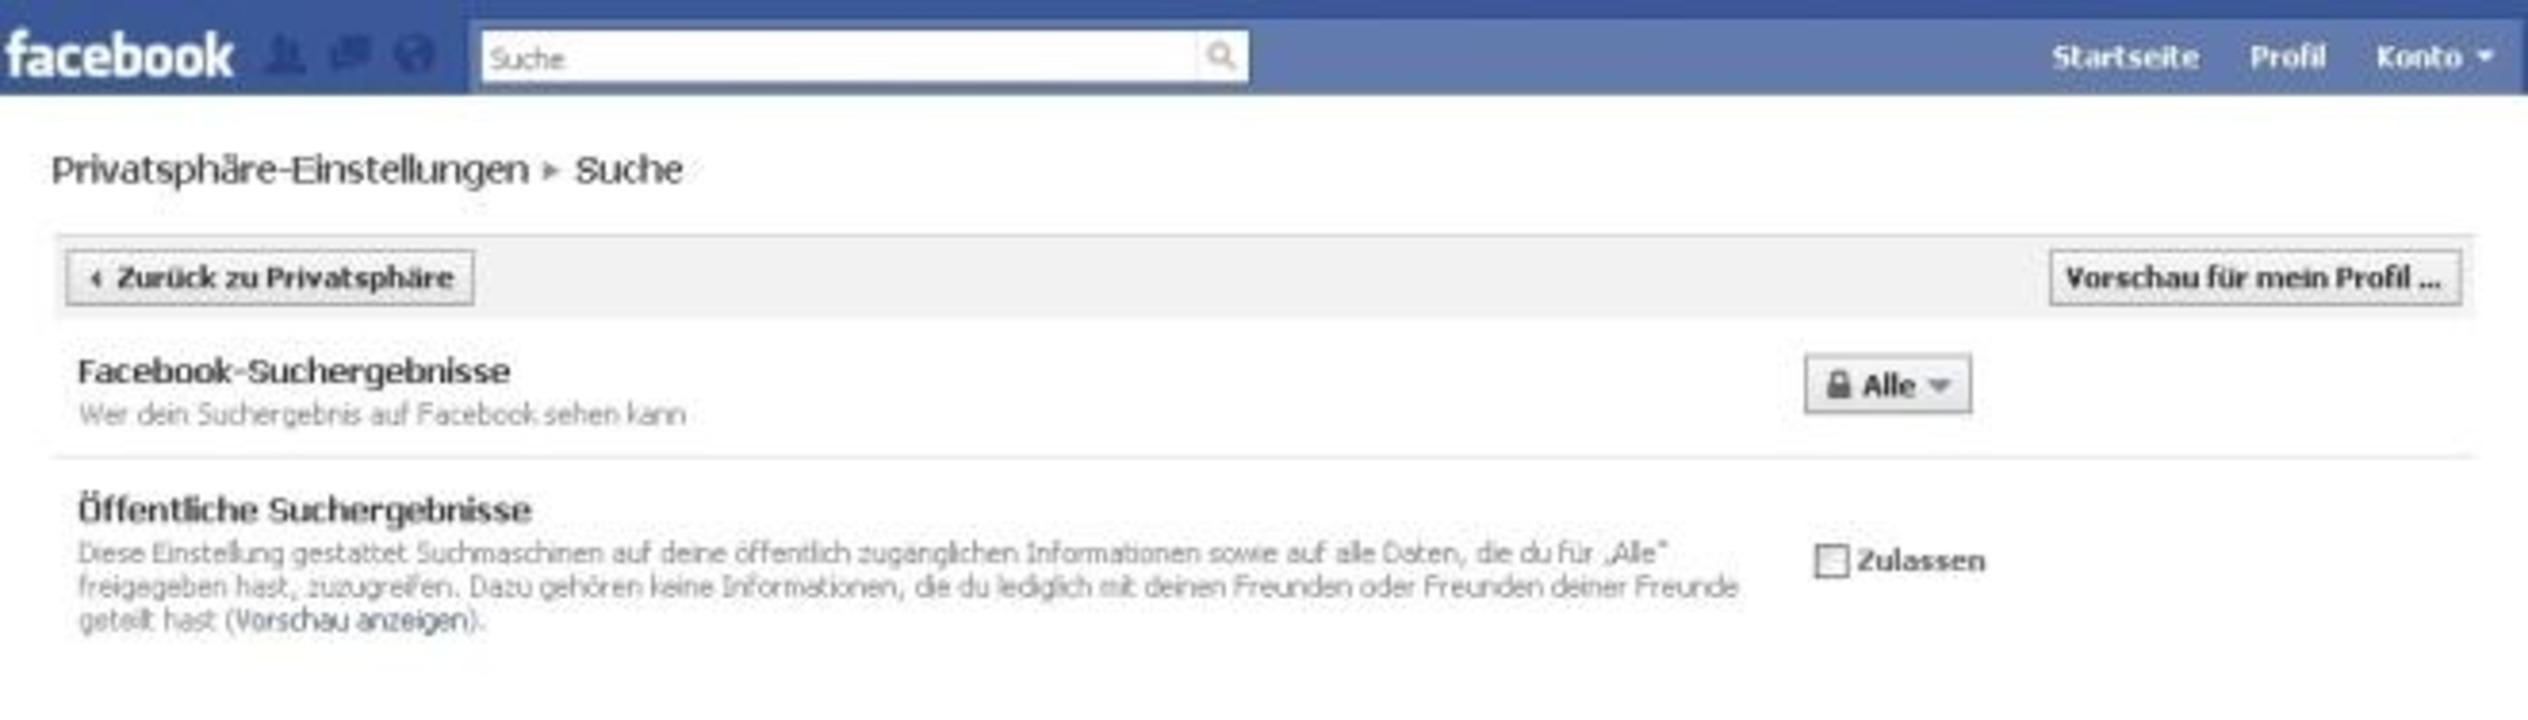 Facebook - Entfernen Sie das Häkchen, ...fil nicht mehr über Google auffindbar.